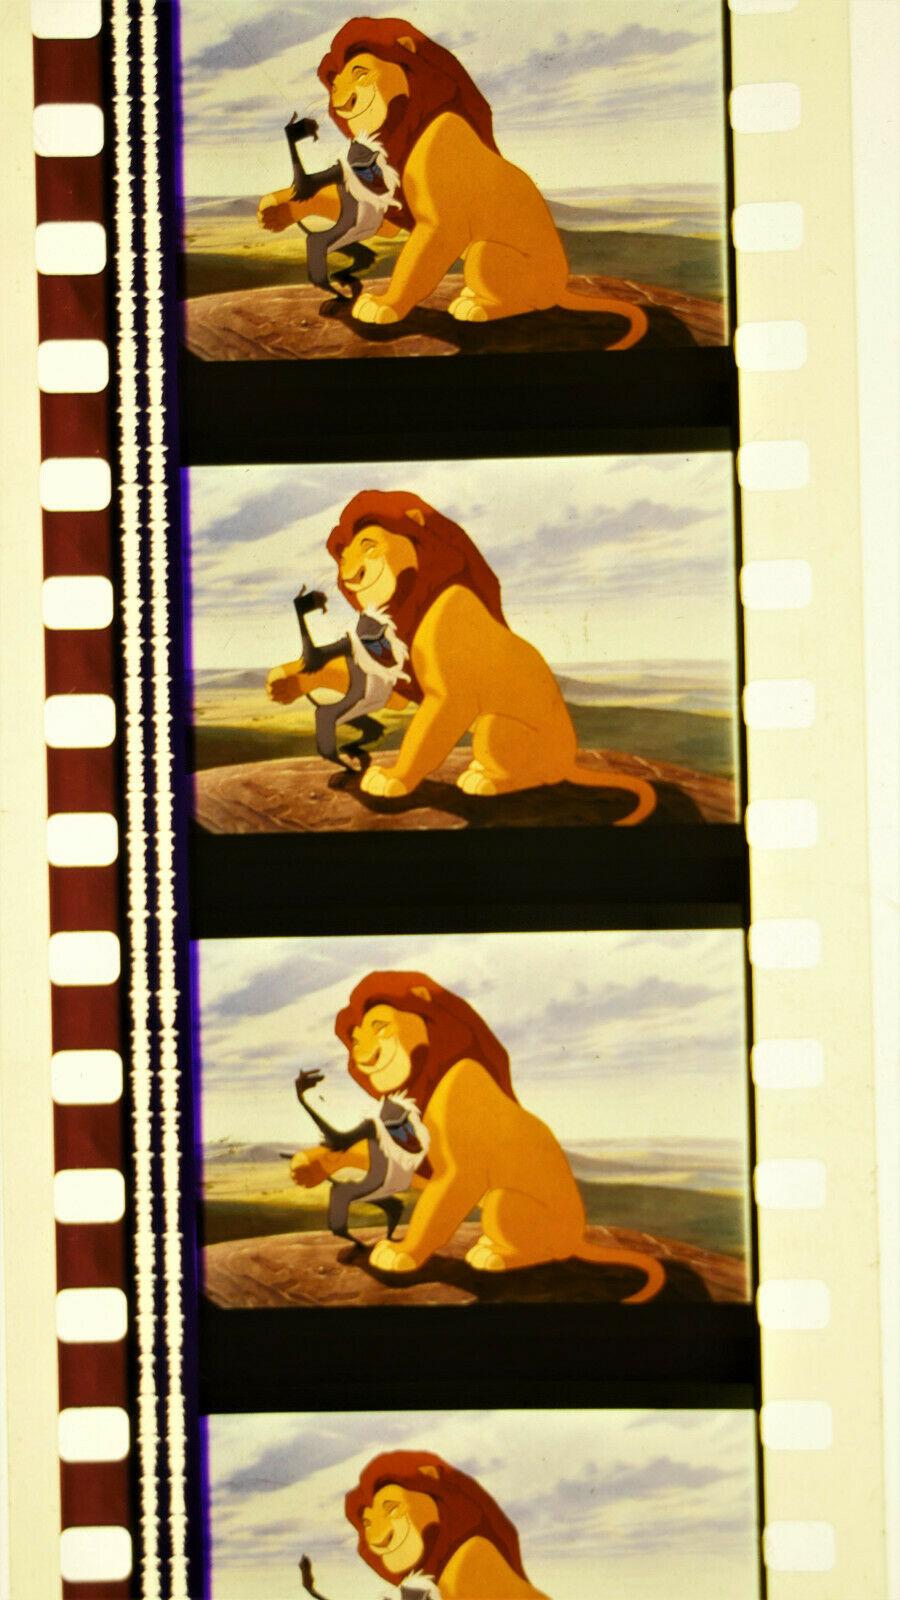 Films annonces en 35mm et PLV cinéma Rl810